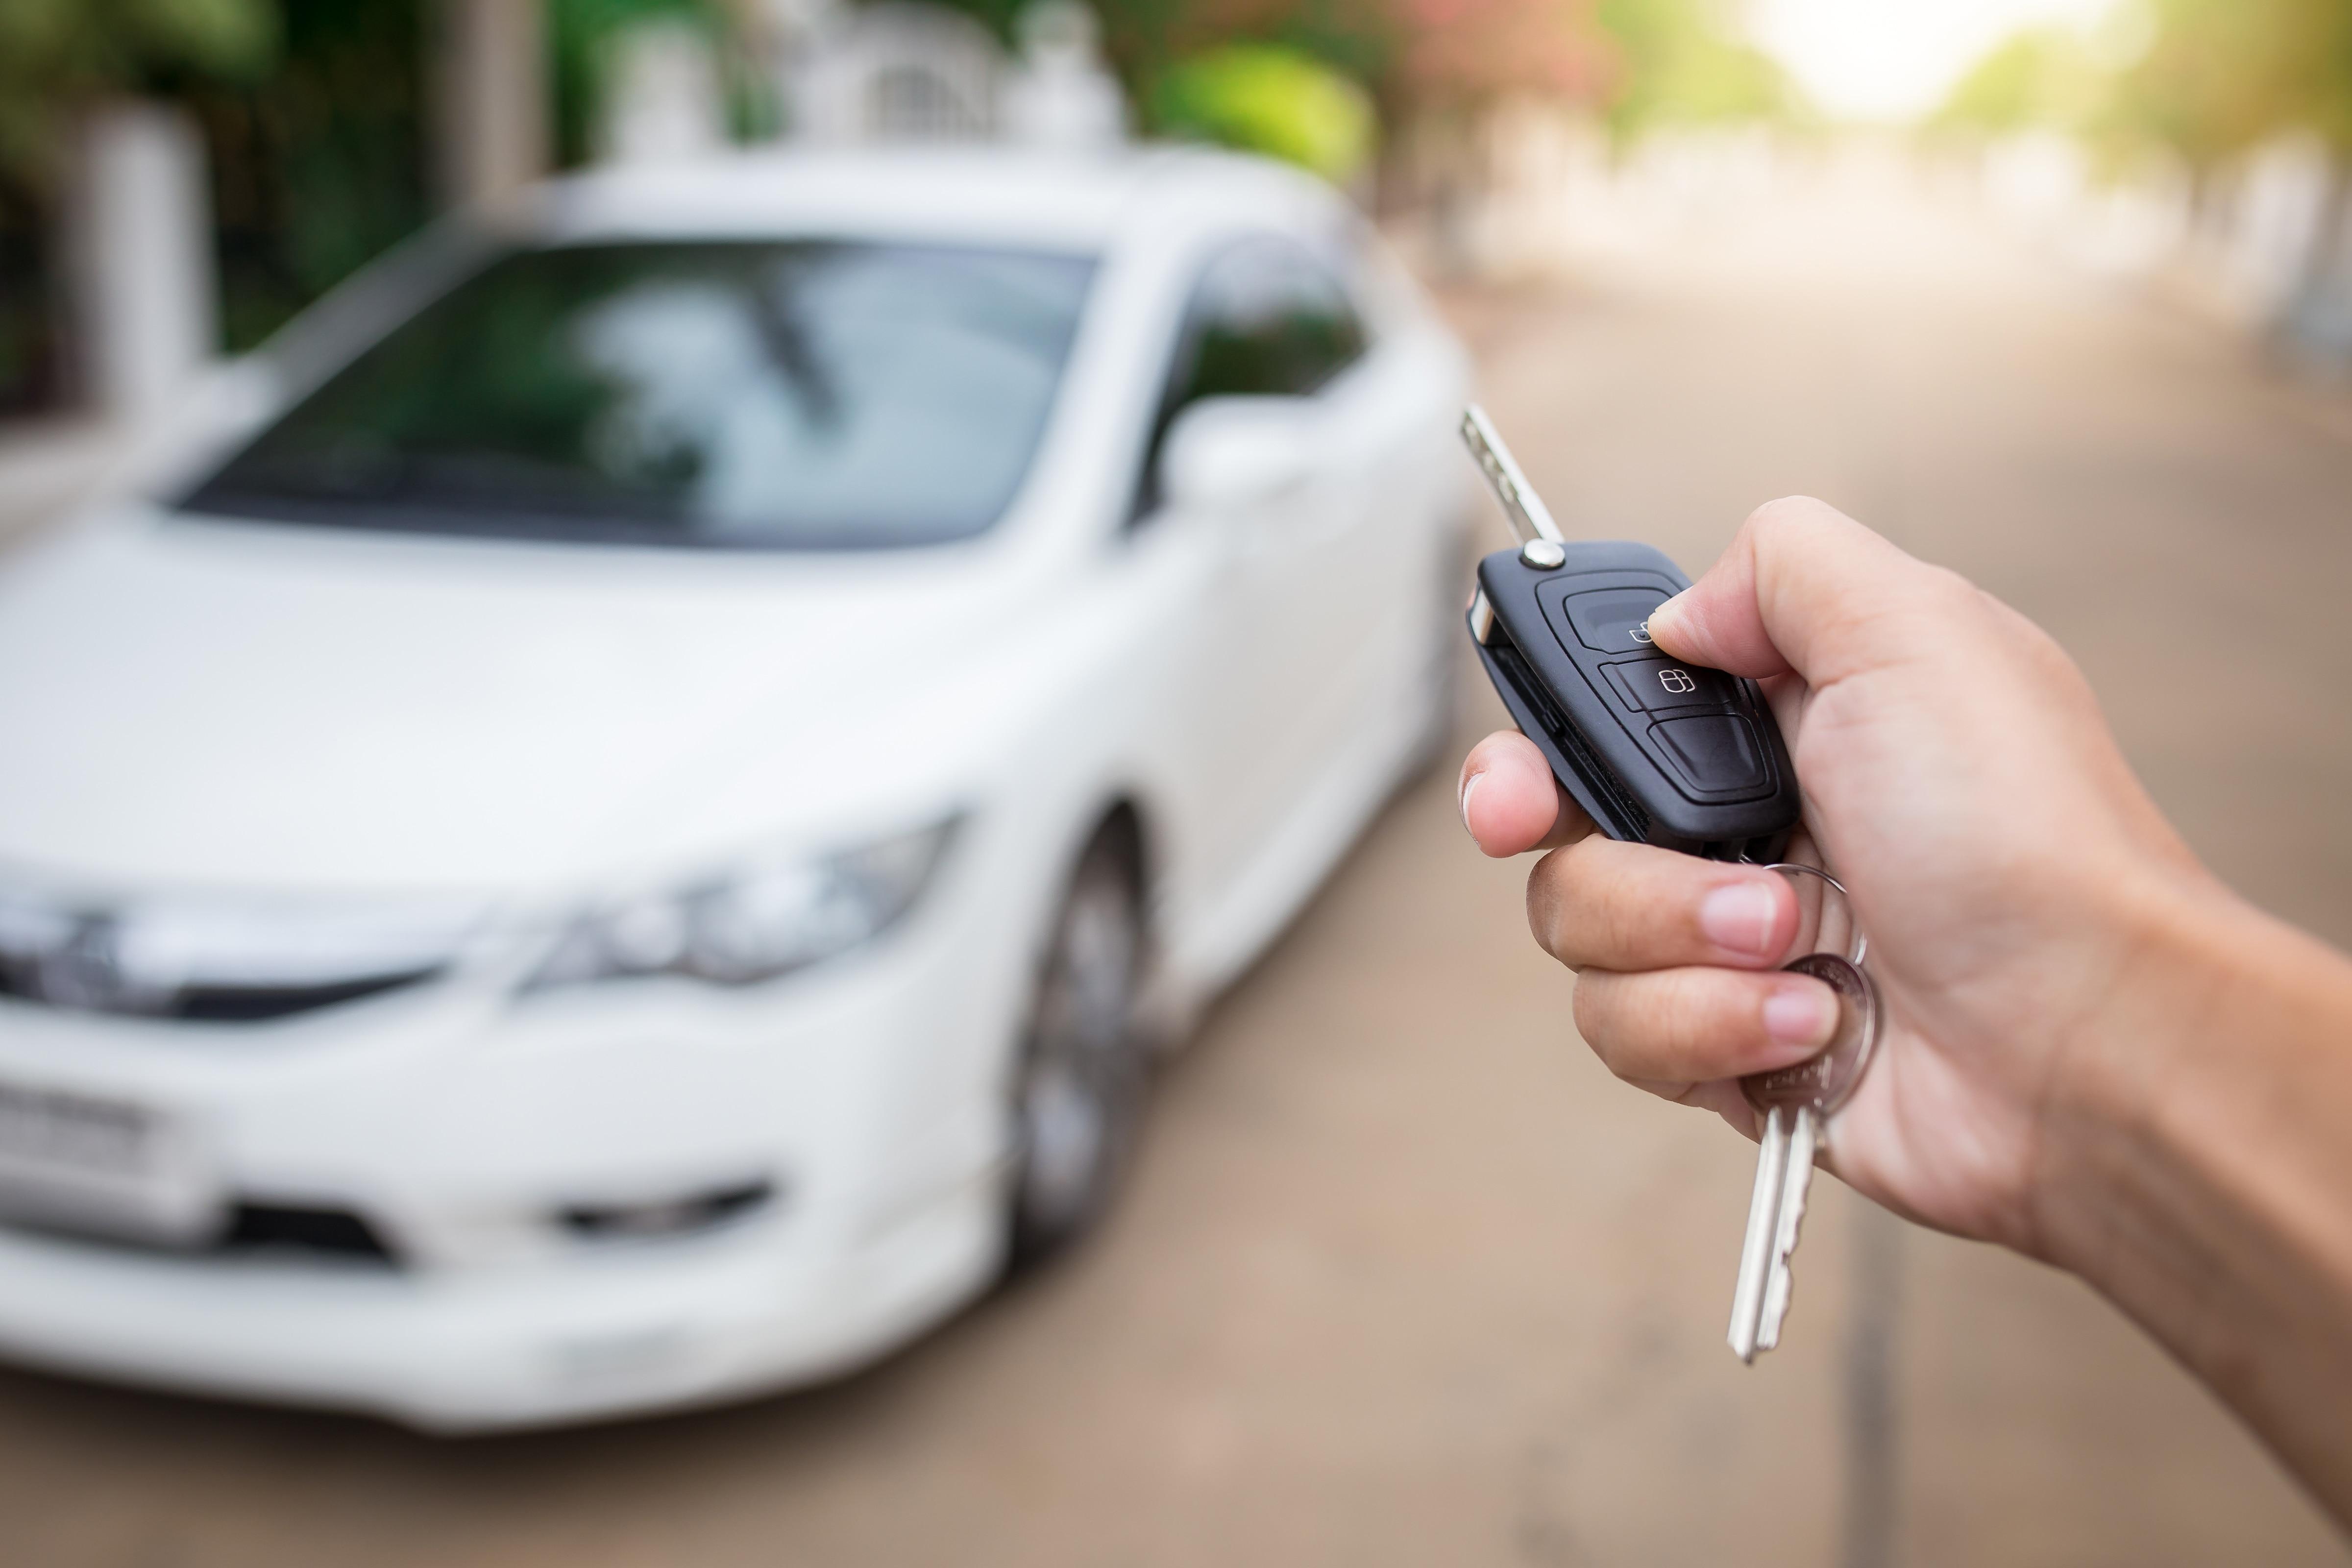 Unlocking A Car - EV3 Coding Activities - Lesson Plans - LEGO Education